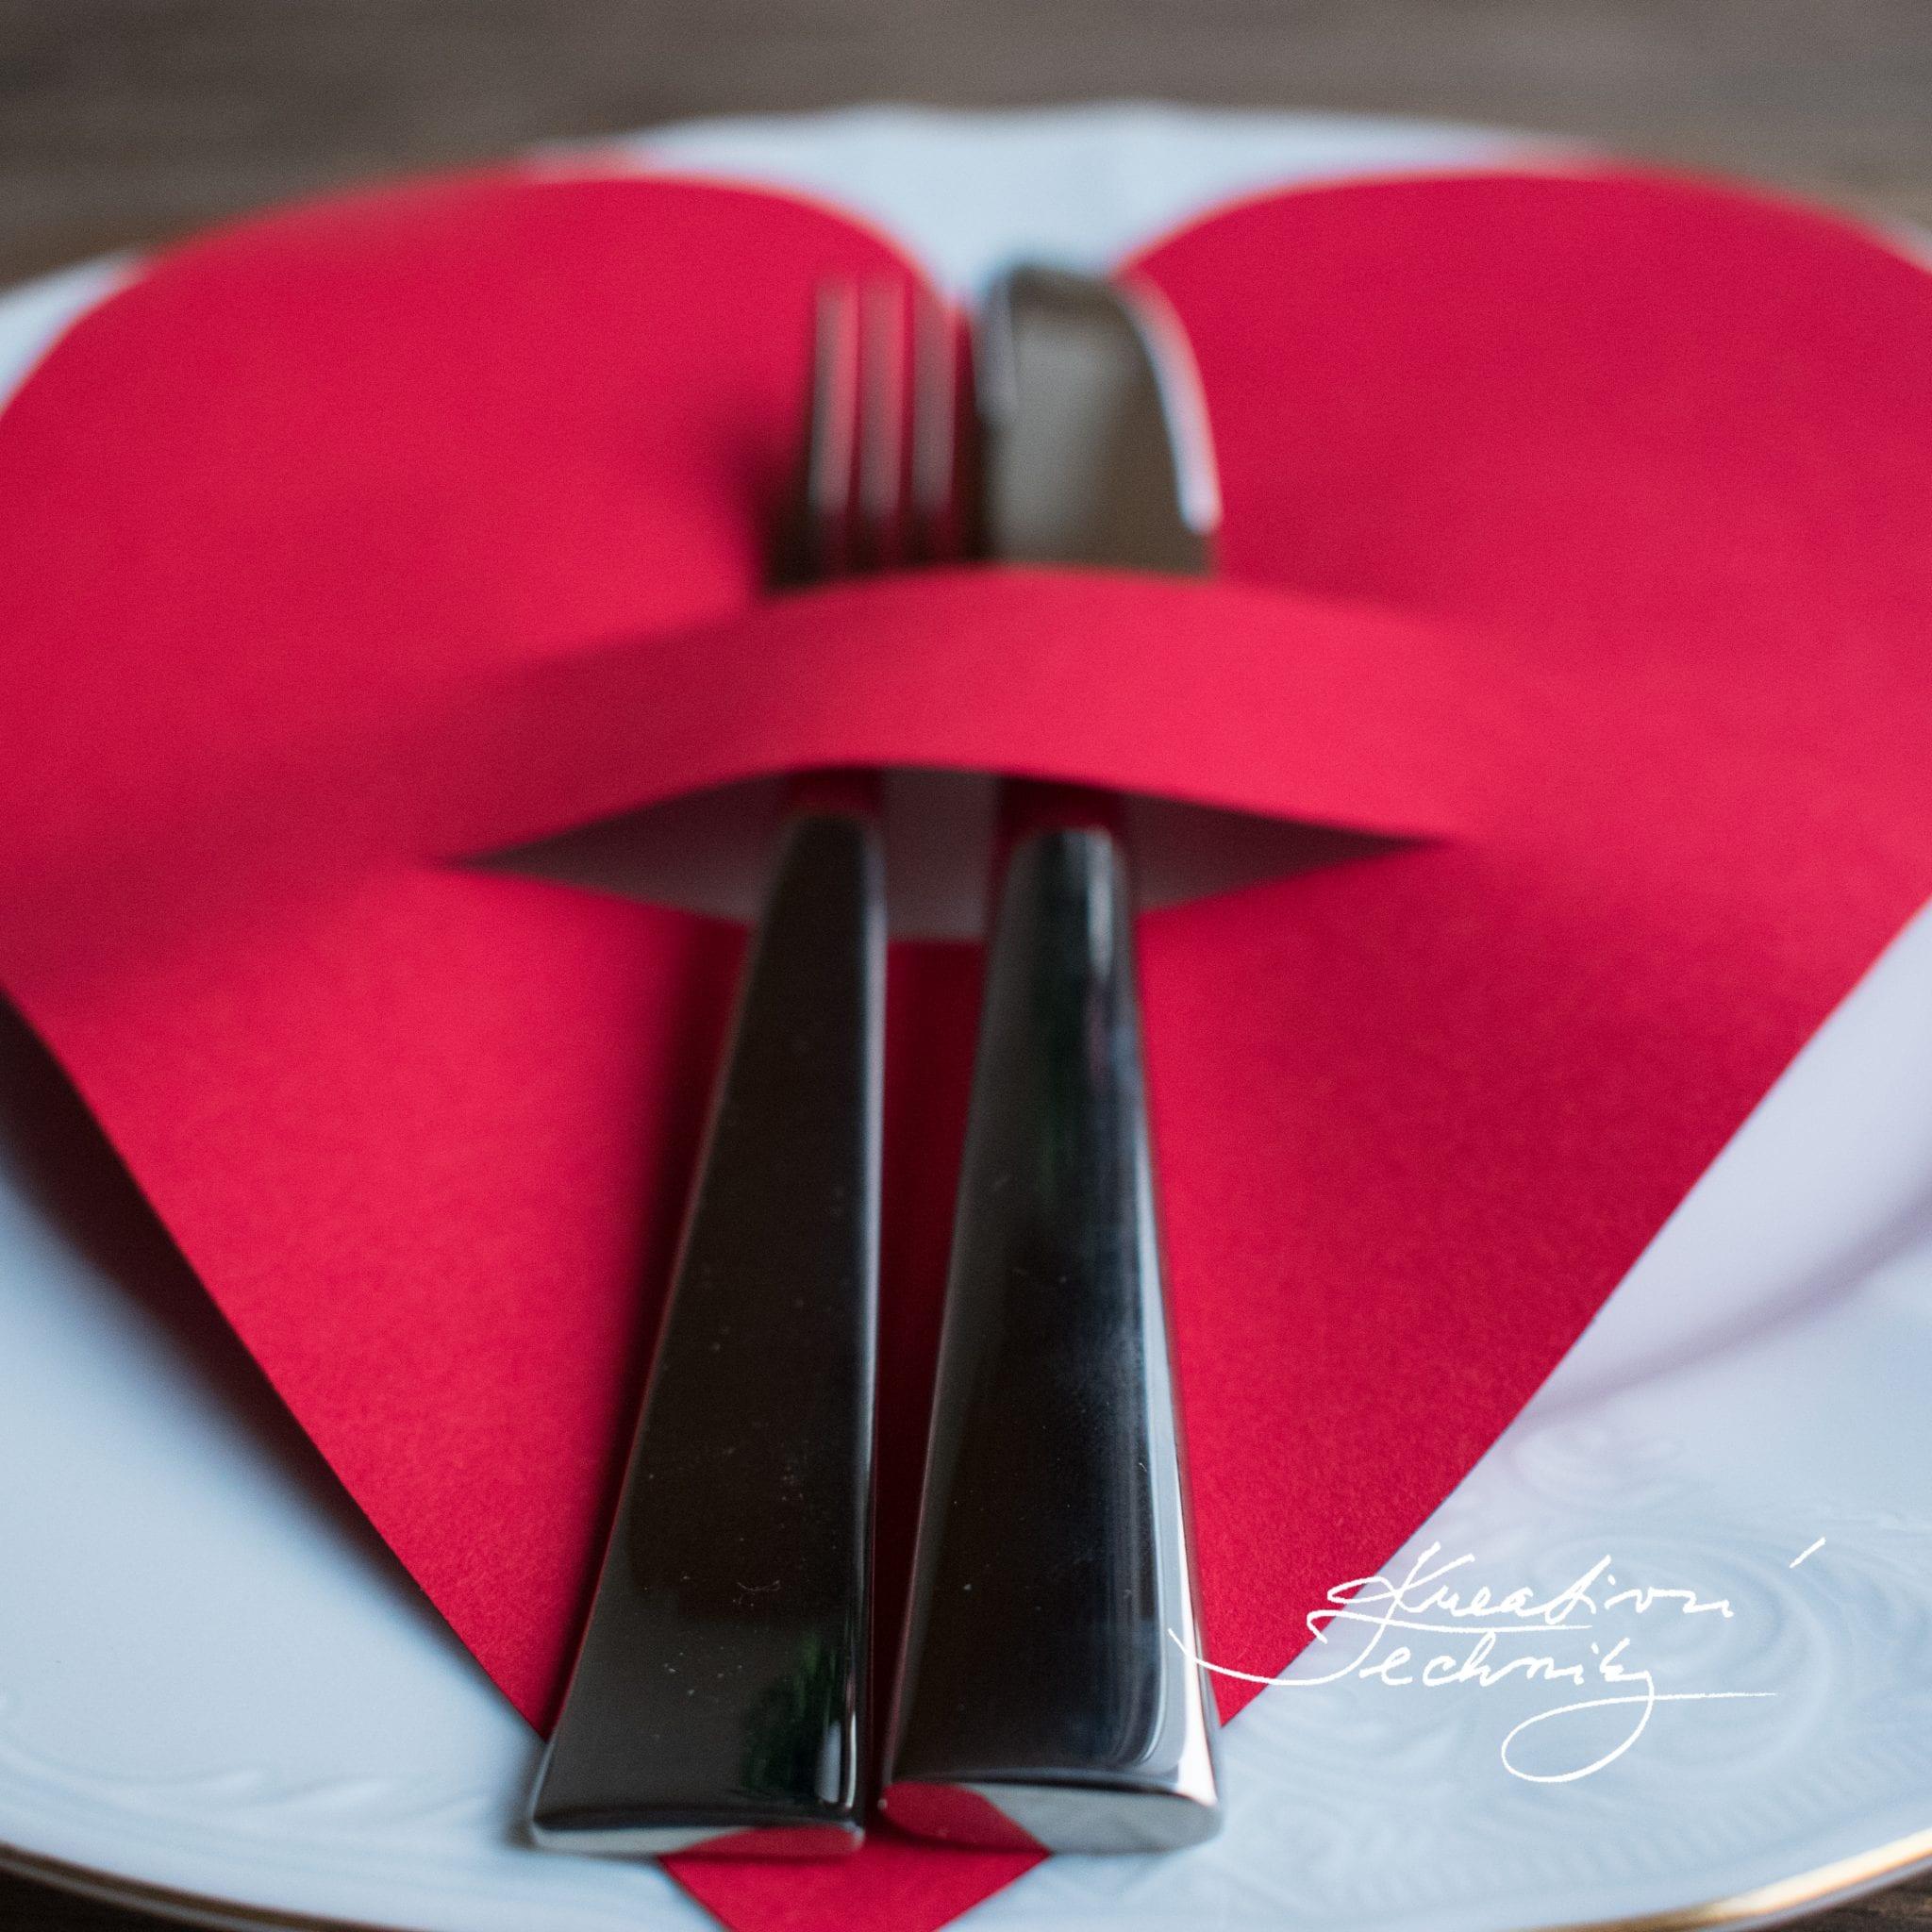 Valentýn, valentýnské menu, DIY, valentýnské tvoření, výroba valentýnské dekorace na stůl, DIY, svátek zamilovaných, svátek svatého Valentýna